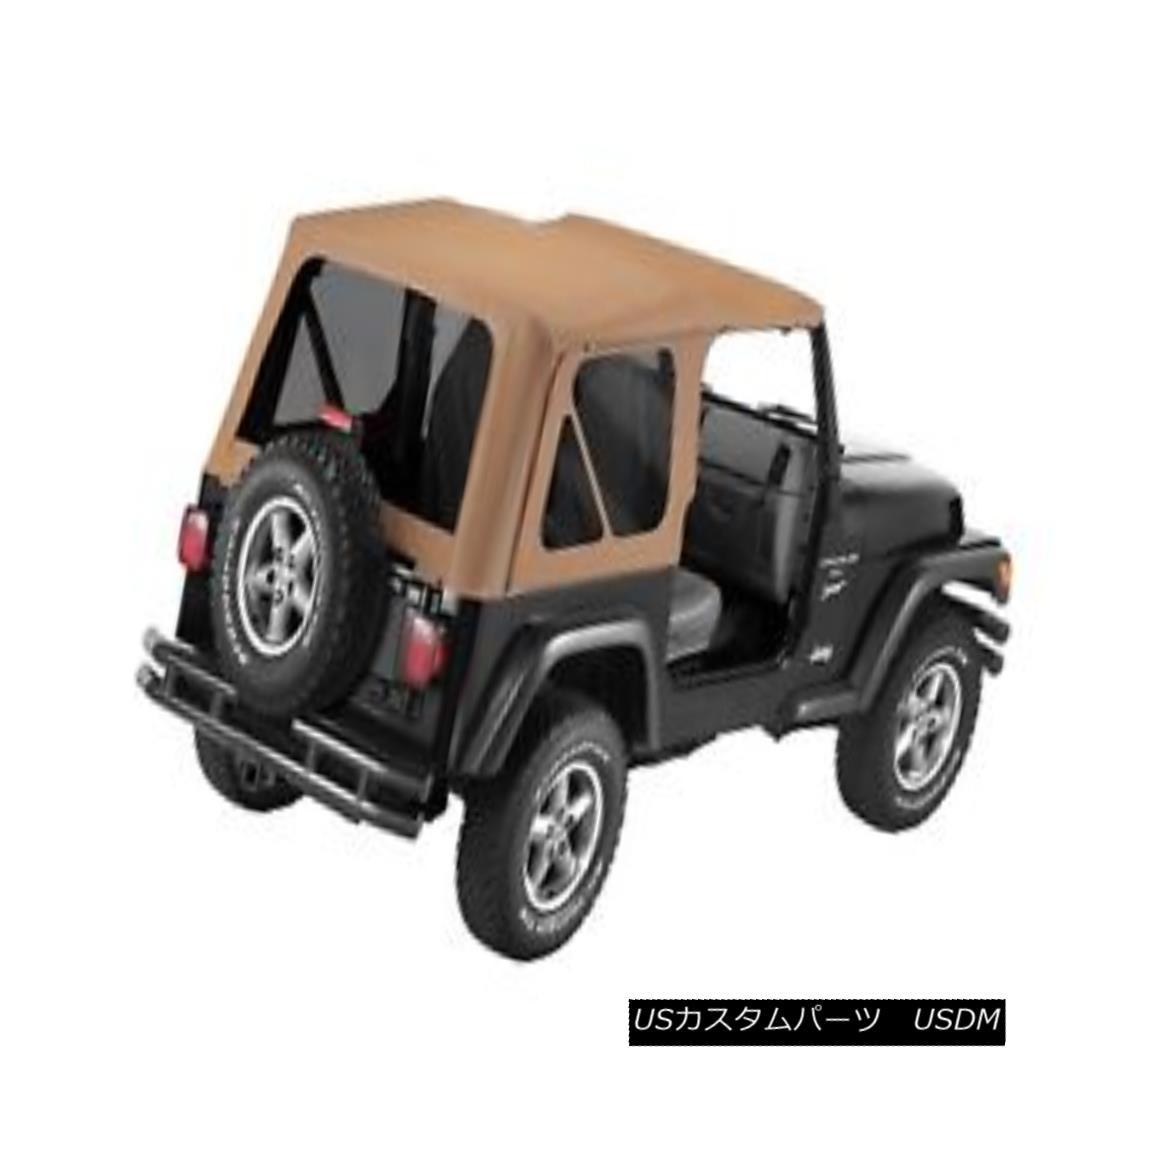 幌・ソフトトップ Bestop 51180-37 Jeep Replace-a-Top Soft Top Spice Bestop 51180-37ジープ交換トップソフトトップスパイス